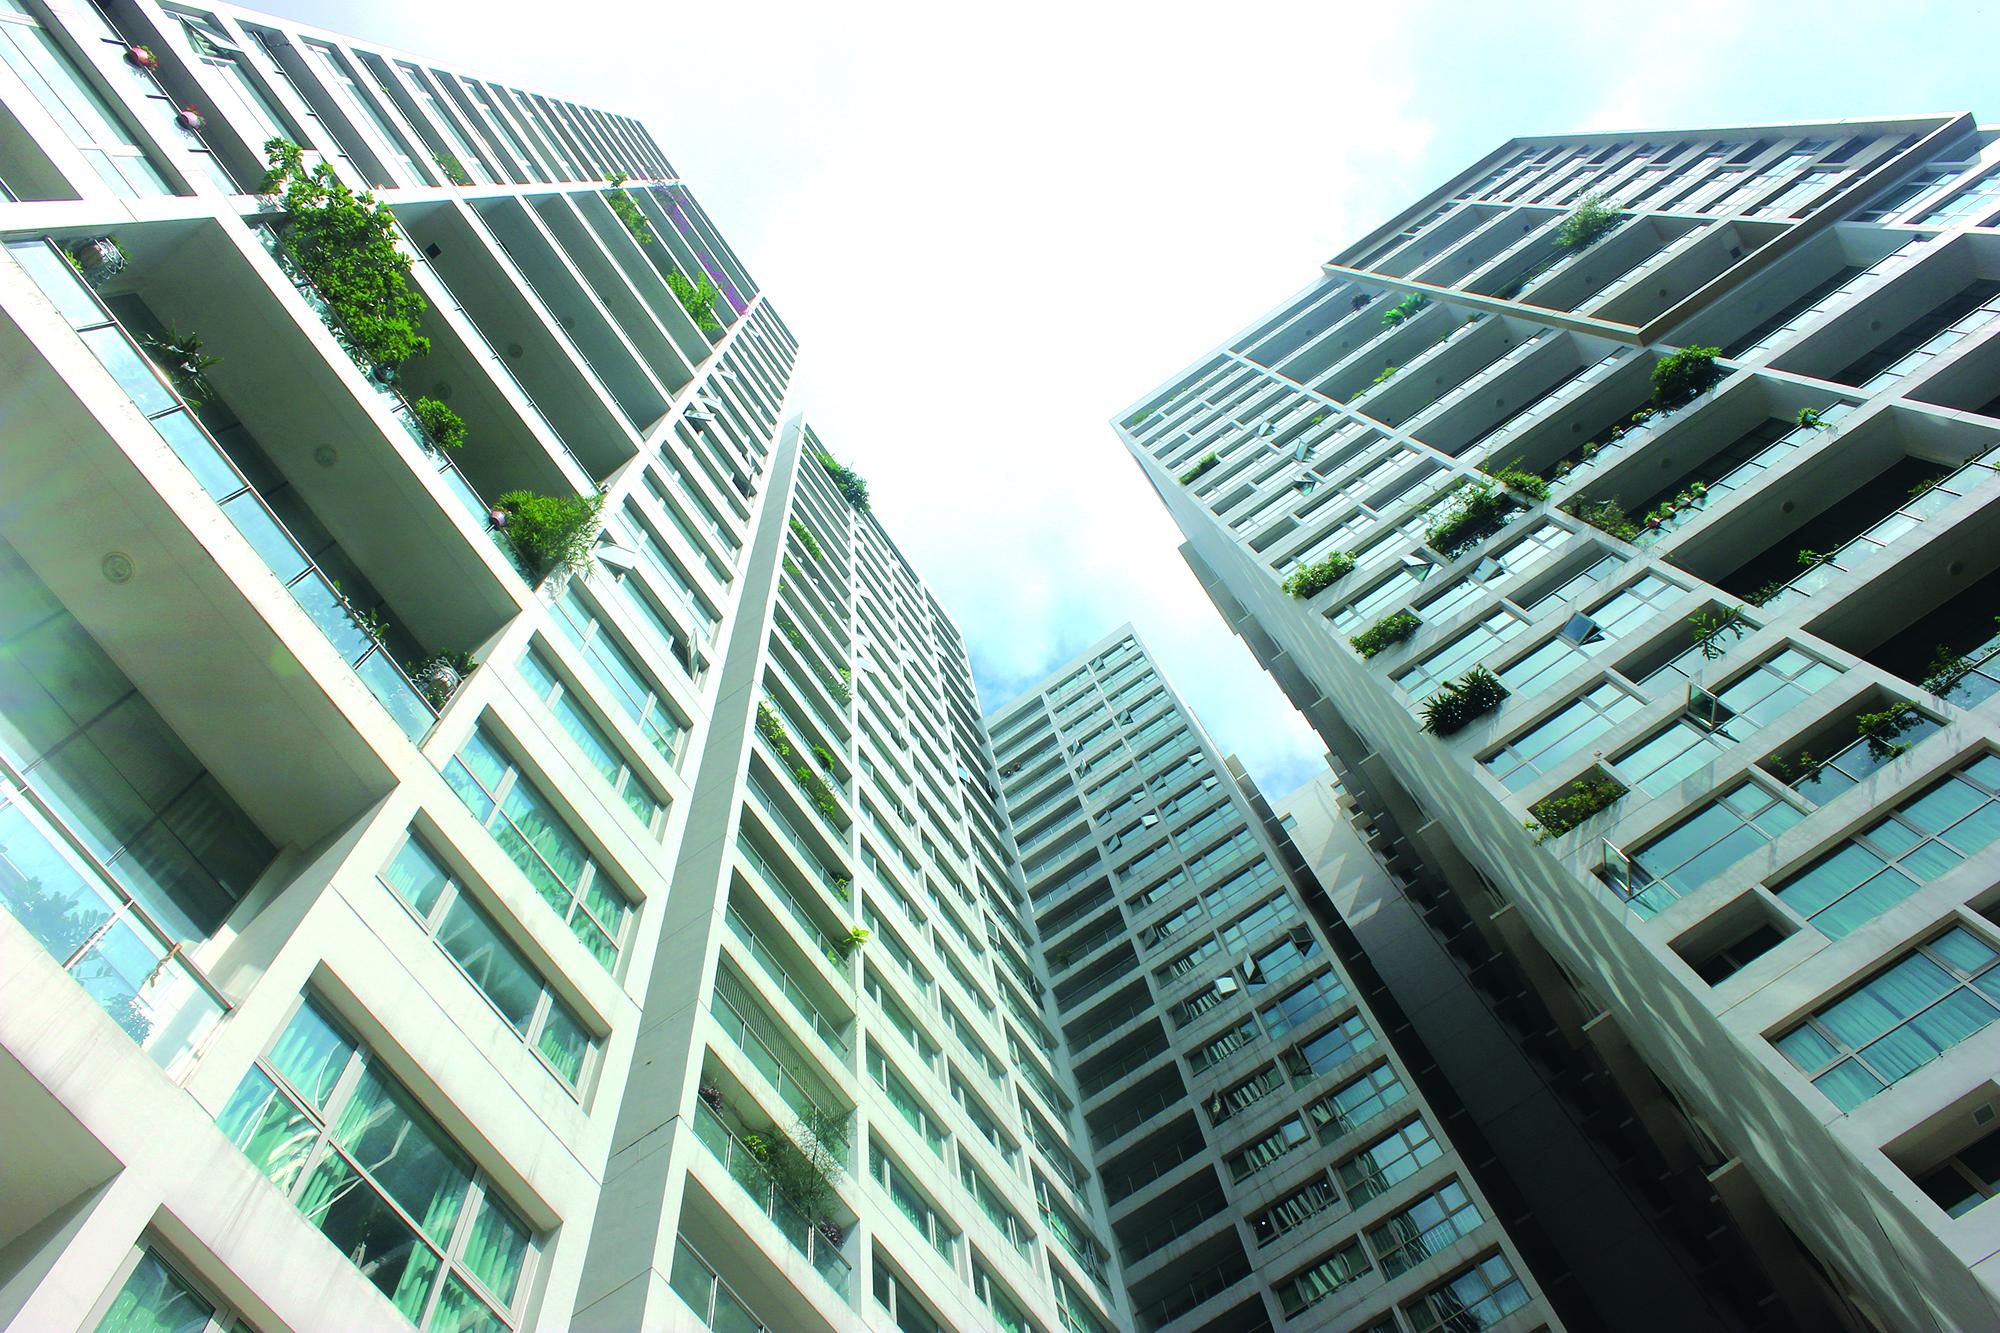 Sản phẩm sơn Ecolife ứng dụng vào cửa sổ căn hộ chung cư cao tầng làm giảm nhiệt độ bên trong